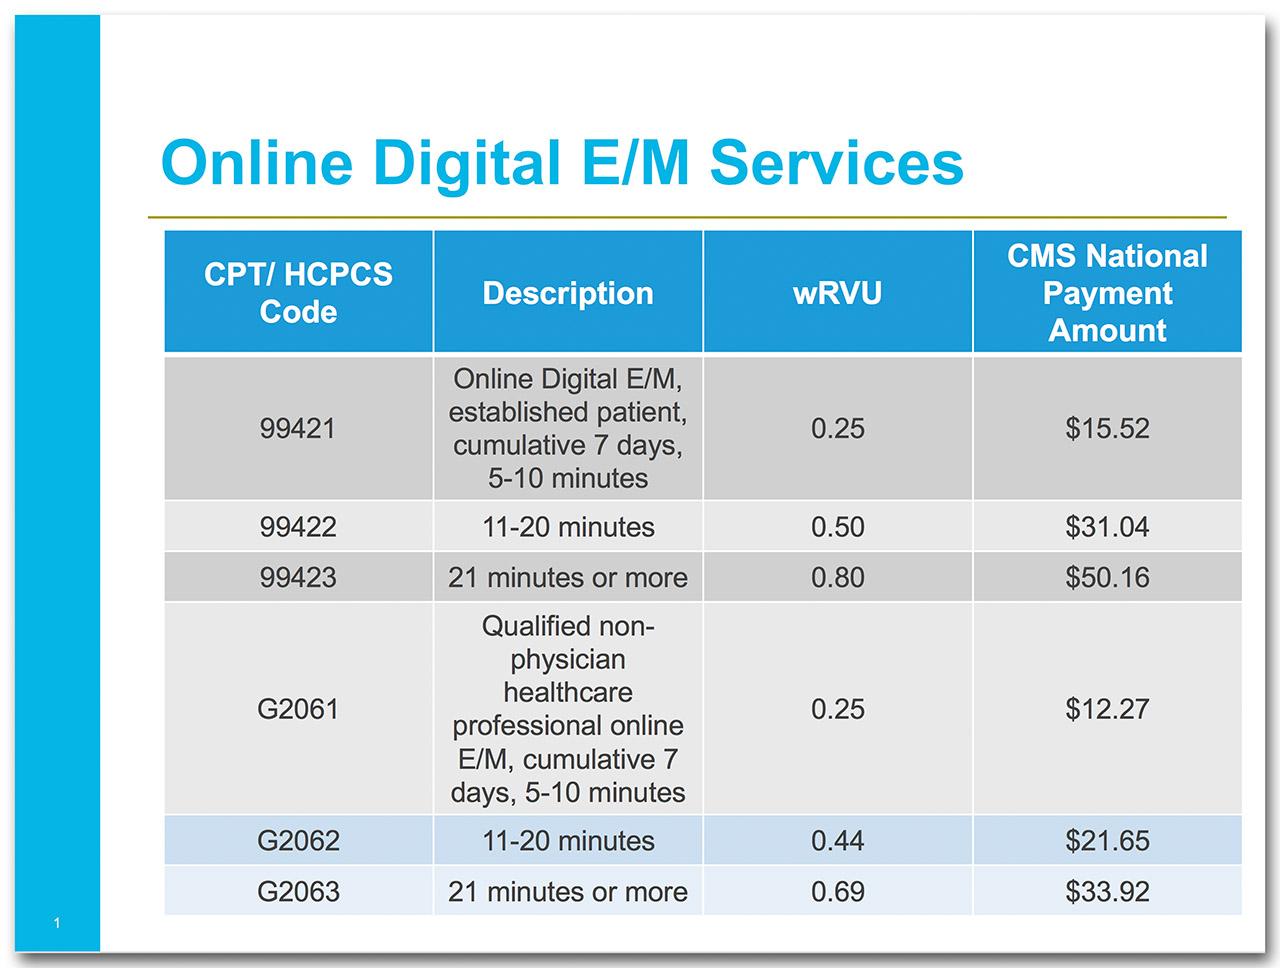 Online Digital E/M Services_1280